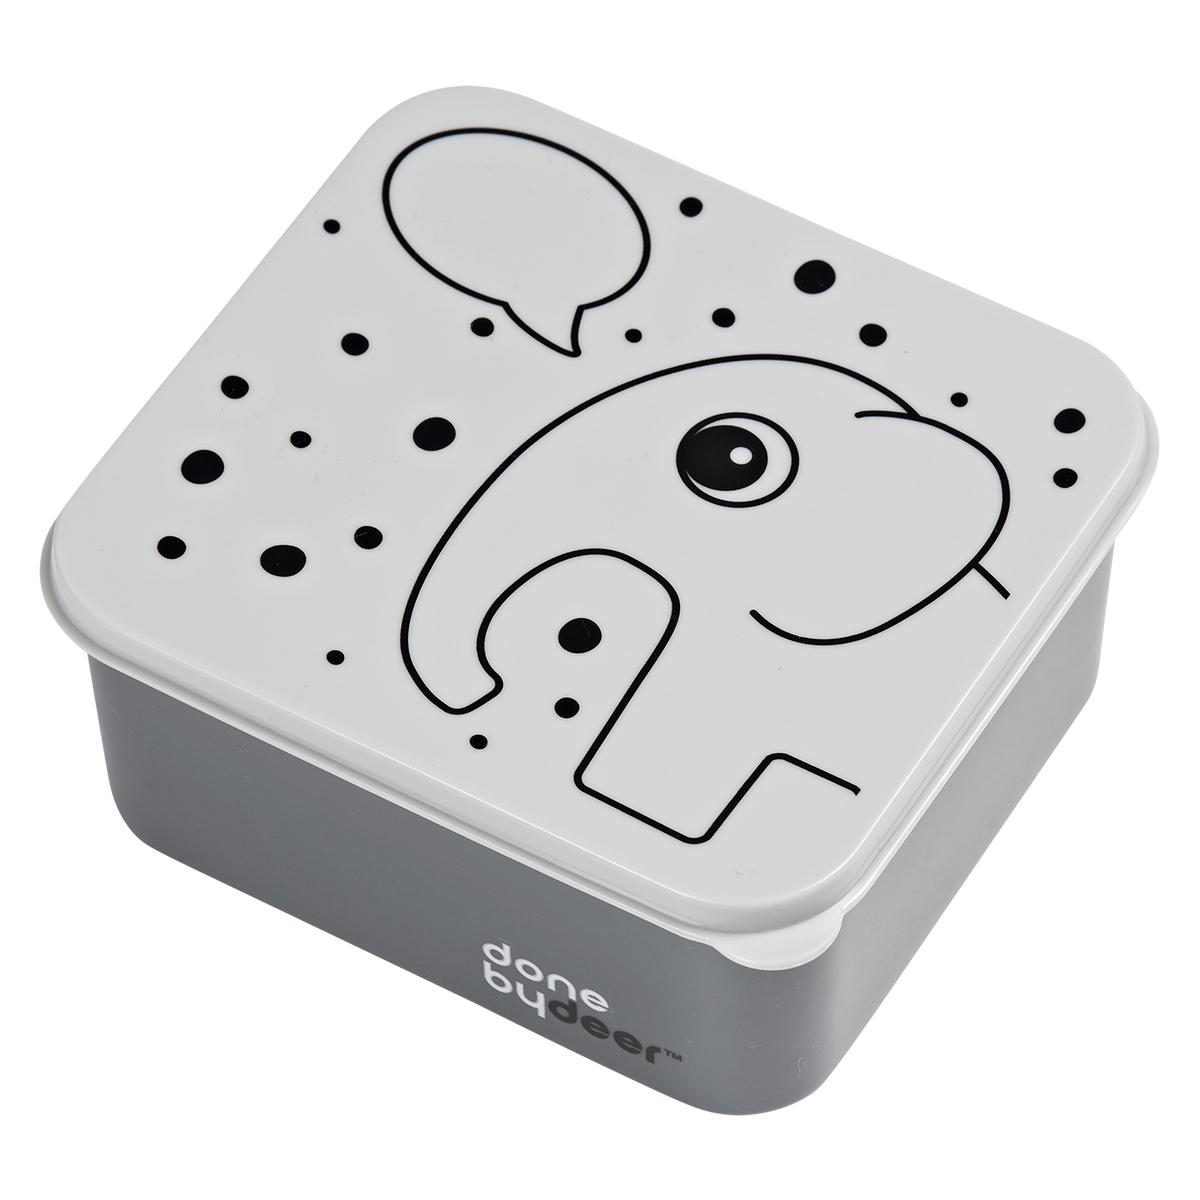 Vaisselle & Couvert Boîte à Goûter Elphee - Gris Boîte à Goûter Elphee - Gris